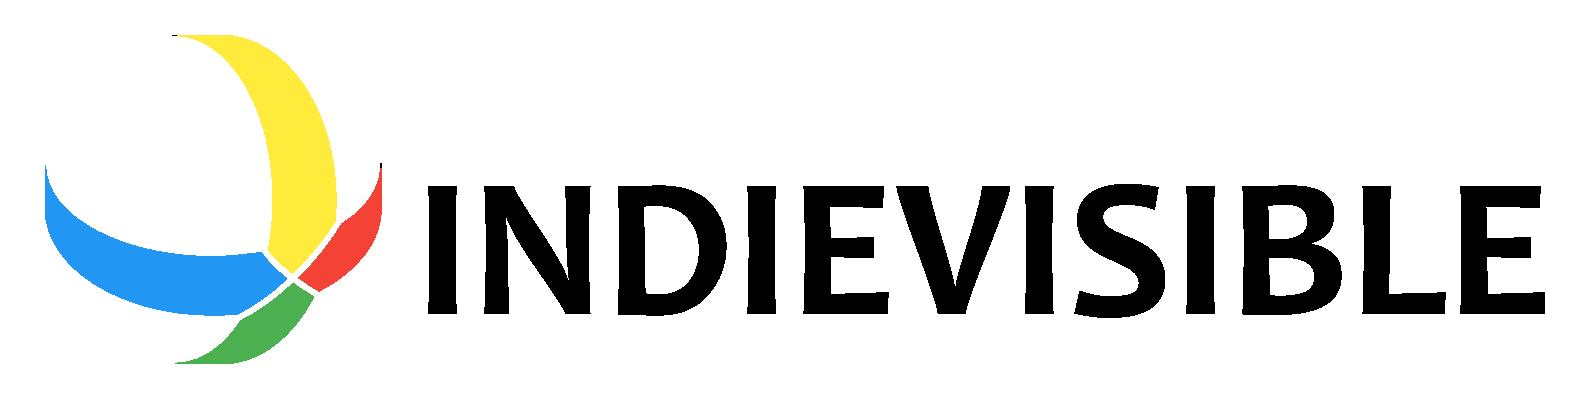 IndieVisible — онлайн-сообщество инди-разработчиков, построенное на платформе с открытым исходным кодом - 1